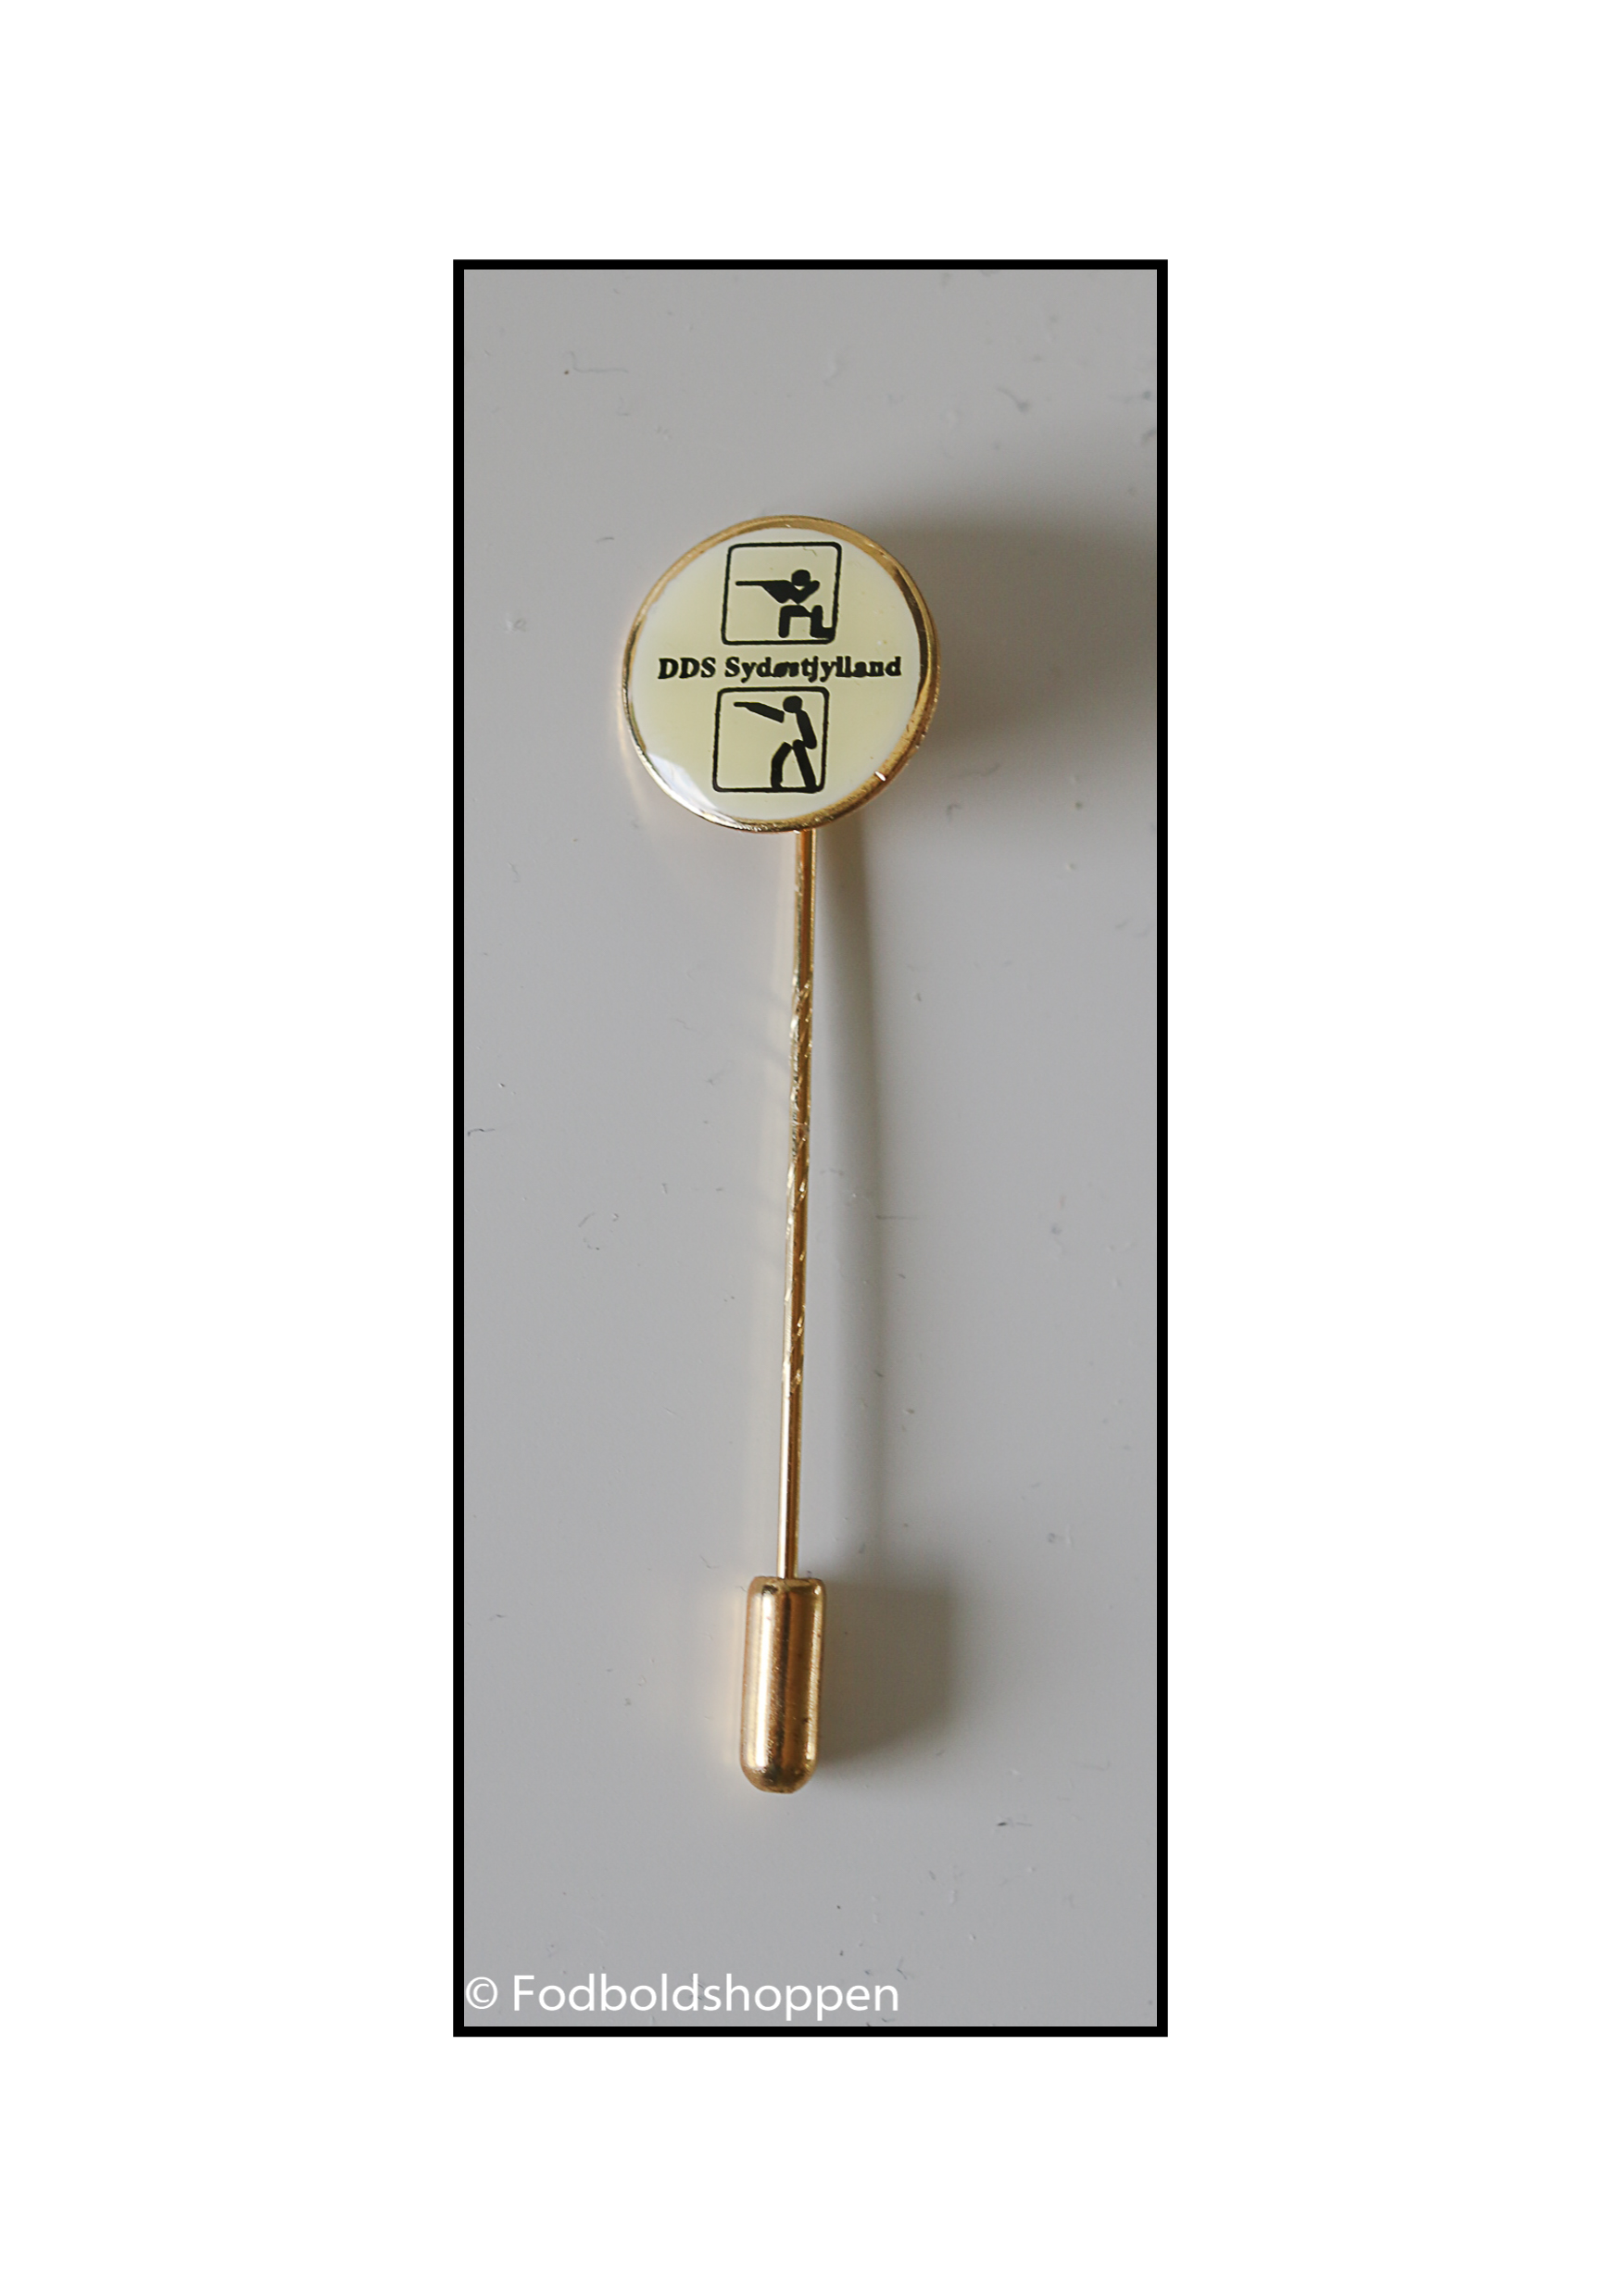 Blå æske med æresnål (pin) med motiv af to skytter (riffel og pistol) og teksten DDS Sydøstjylland.